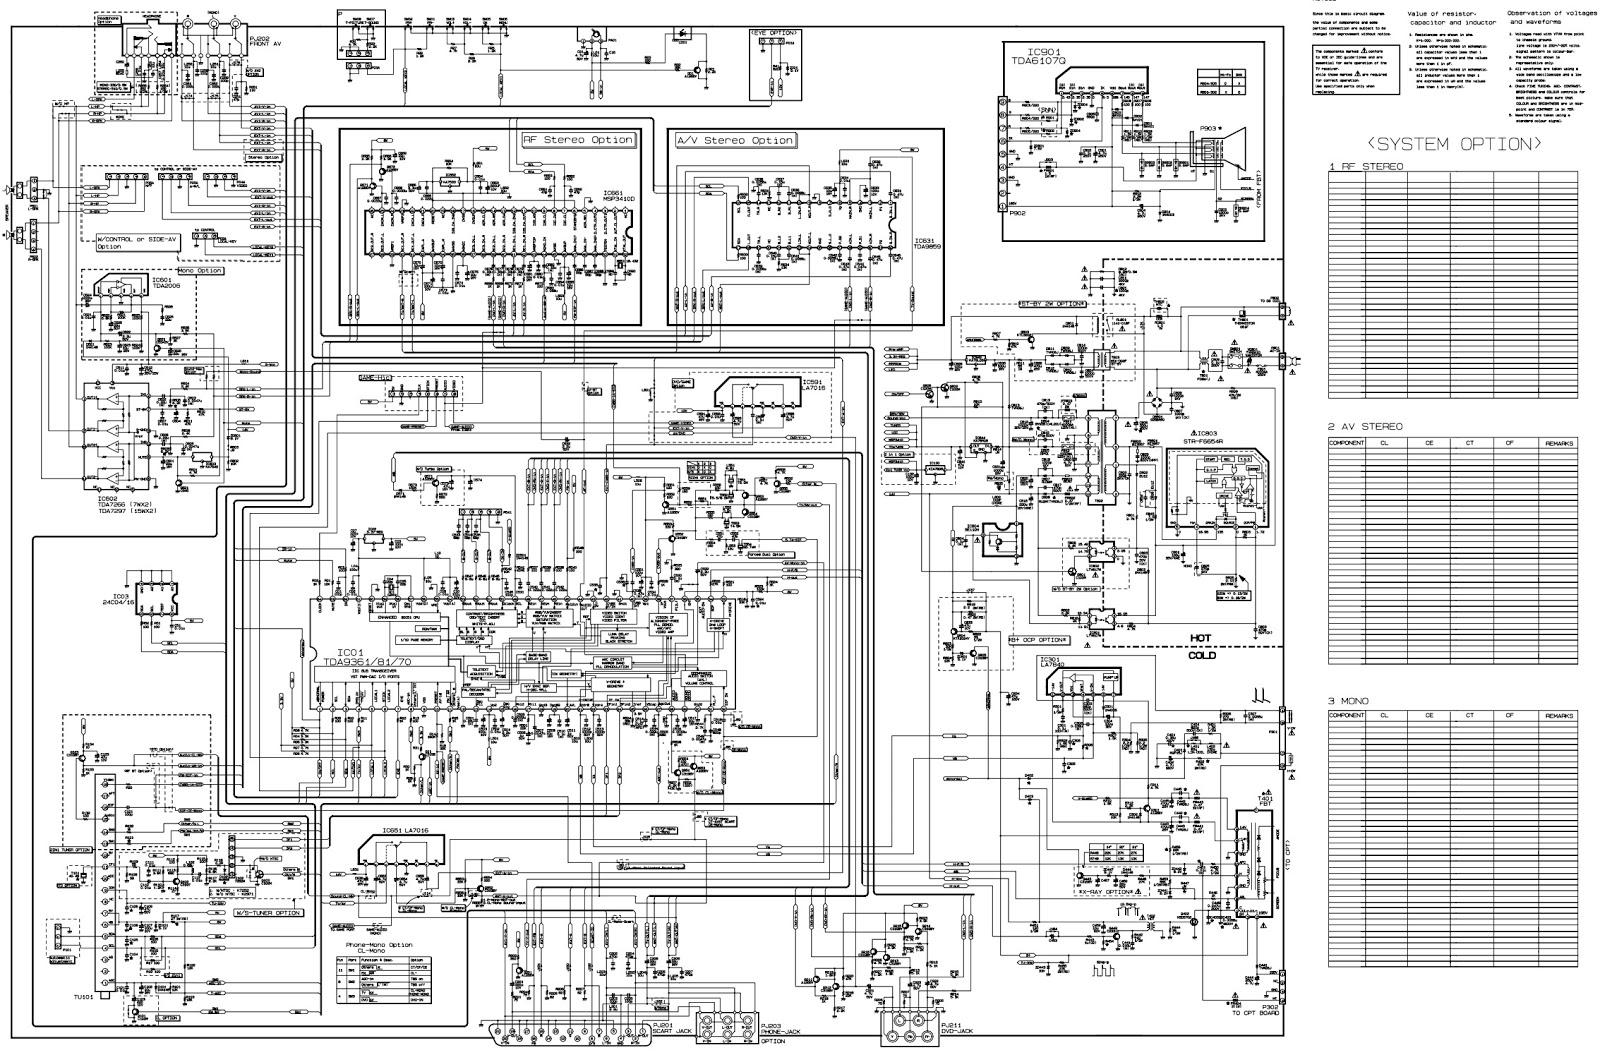 Electro help: LG RF-21FB20R, LG RT-21FB20R - 21 inch CRT ...